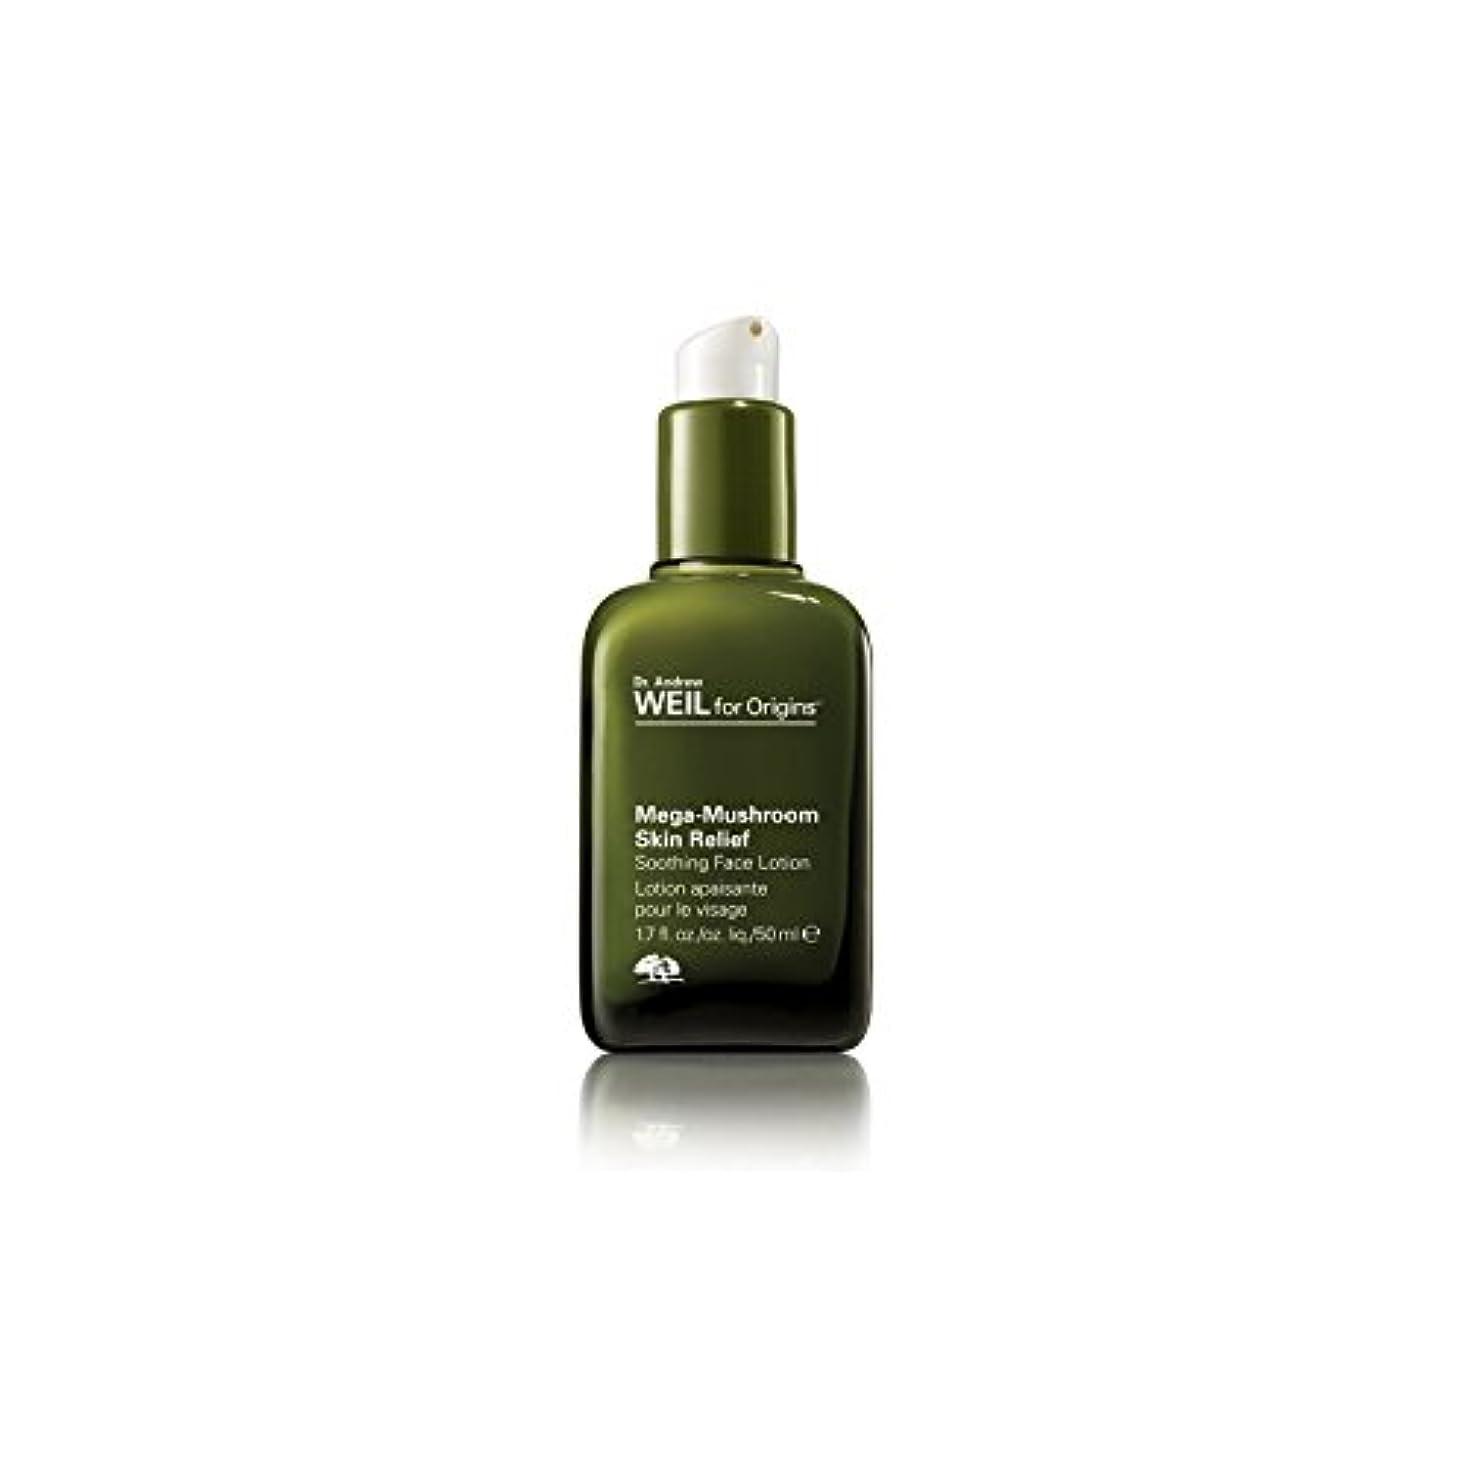 見せます粒ゴールOrigins Dr. Andrew Weil For Origins Mega-Mushroom Skin Relief Soothing Face Lotion 50ml - 起源アンドルー?ワイル起源メガキノコ皮膚緩和...